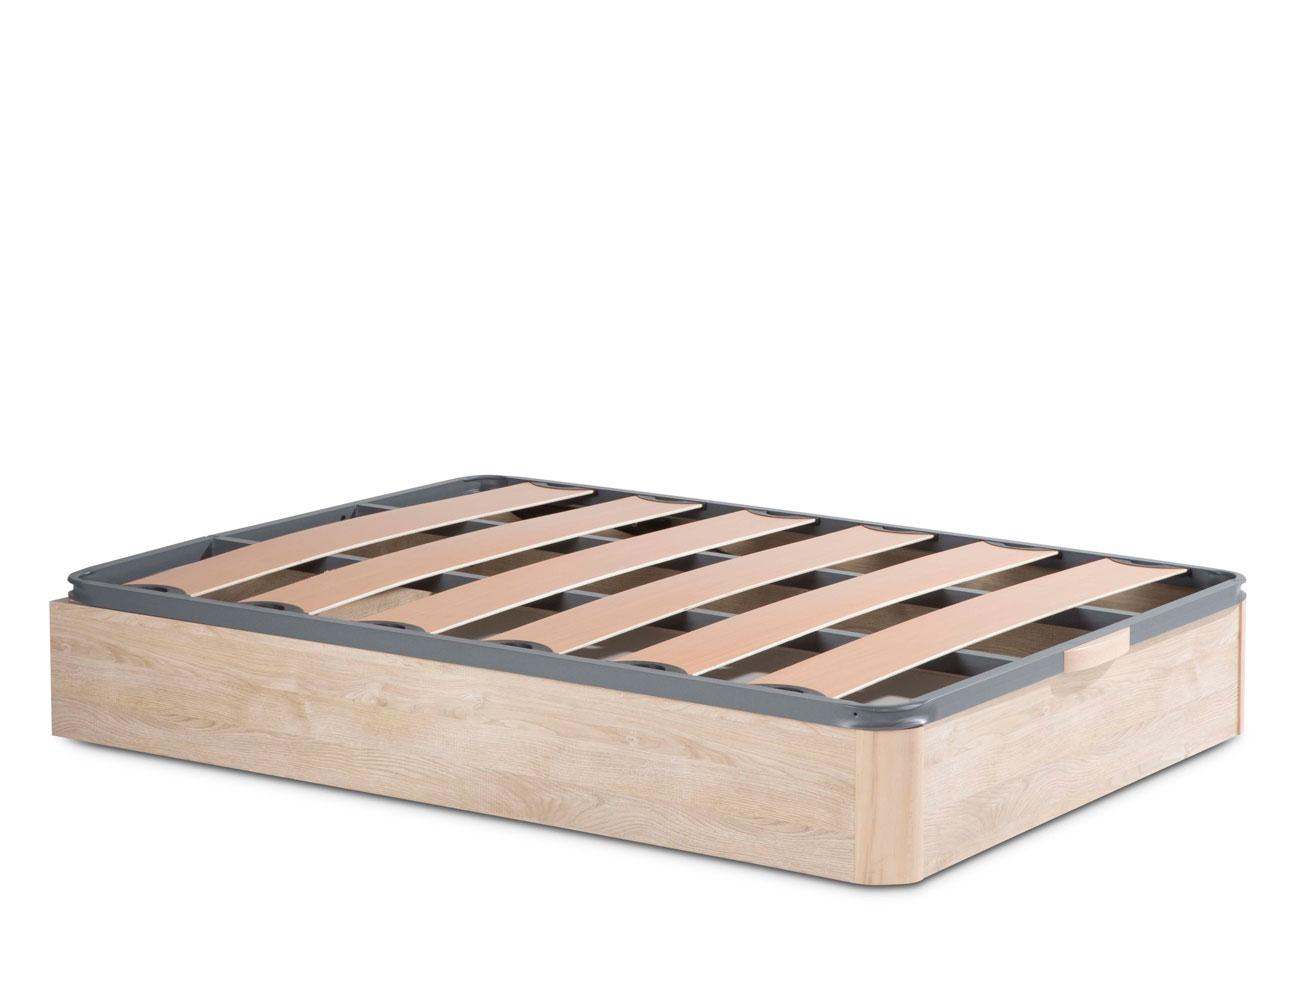 Canape madera somier laminas pvc 785